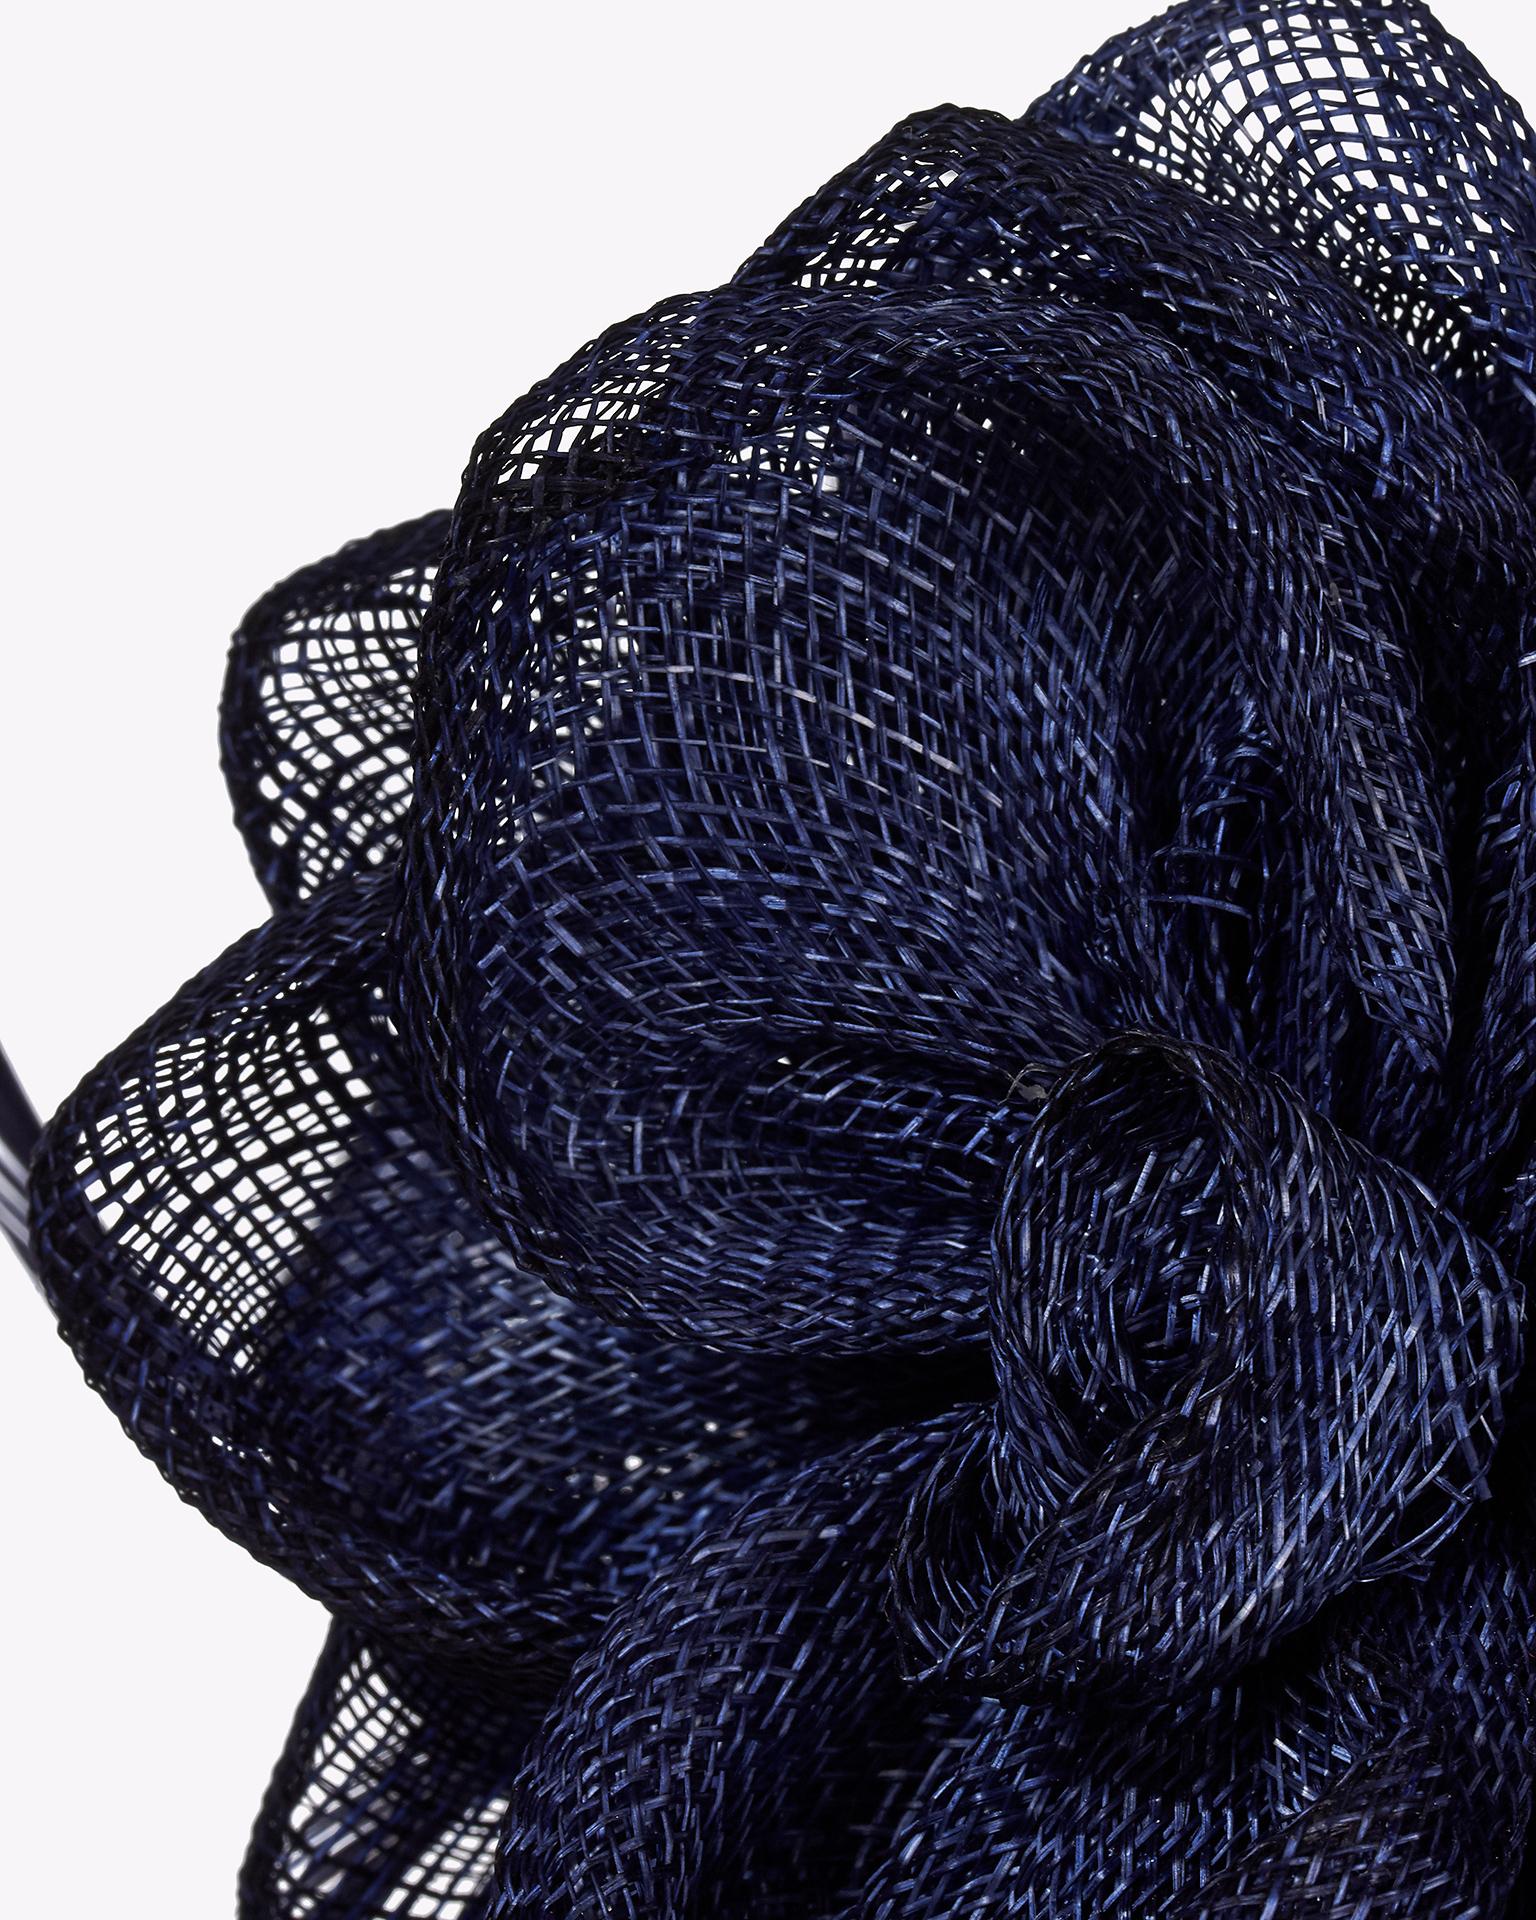 Toucado de sinamay com adorno de pluma. Disponível em preto, azul-marinho, azul-cobalto, azul, prateado, cor de pele, vermelho, coral fúcsia e amarelo. Coleção FIESTA AIRE BARCELONA 2018.